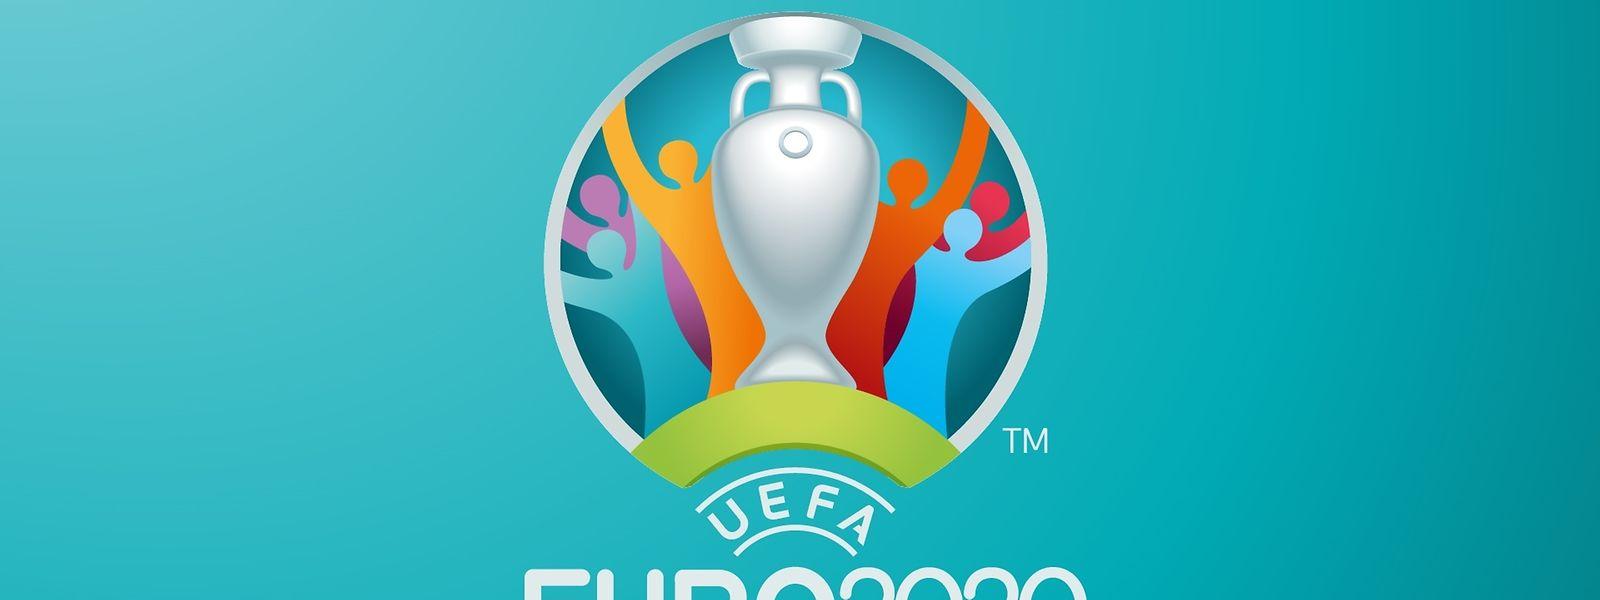 Rendez-vous est pris au 2 décembre 2018 pour le tirage au sort des qualifications de l'Euro 2020